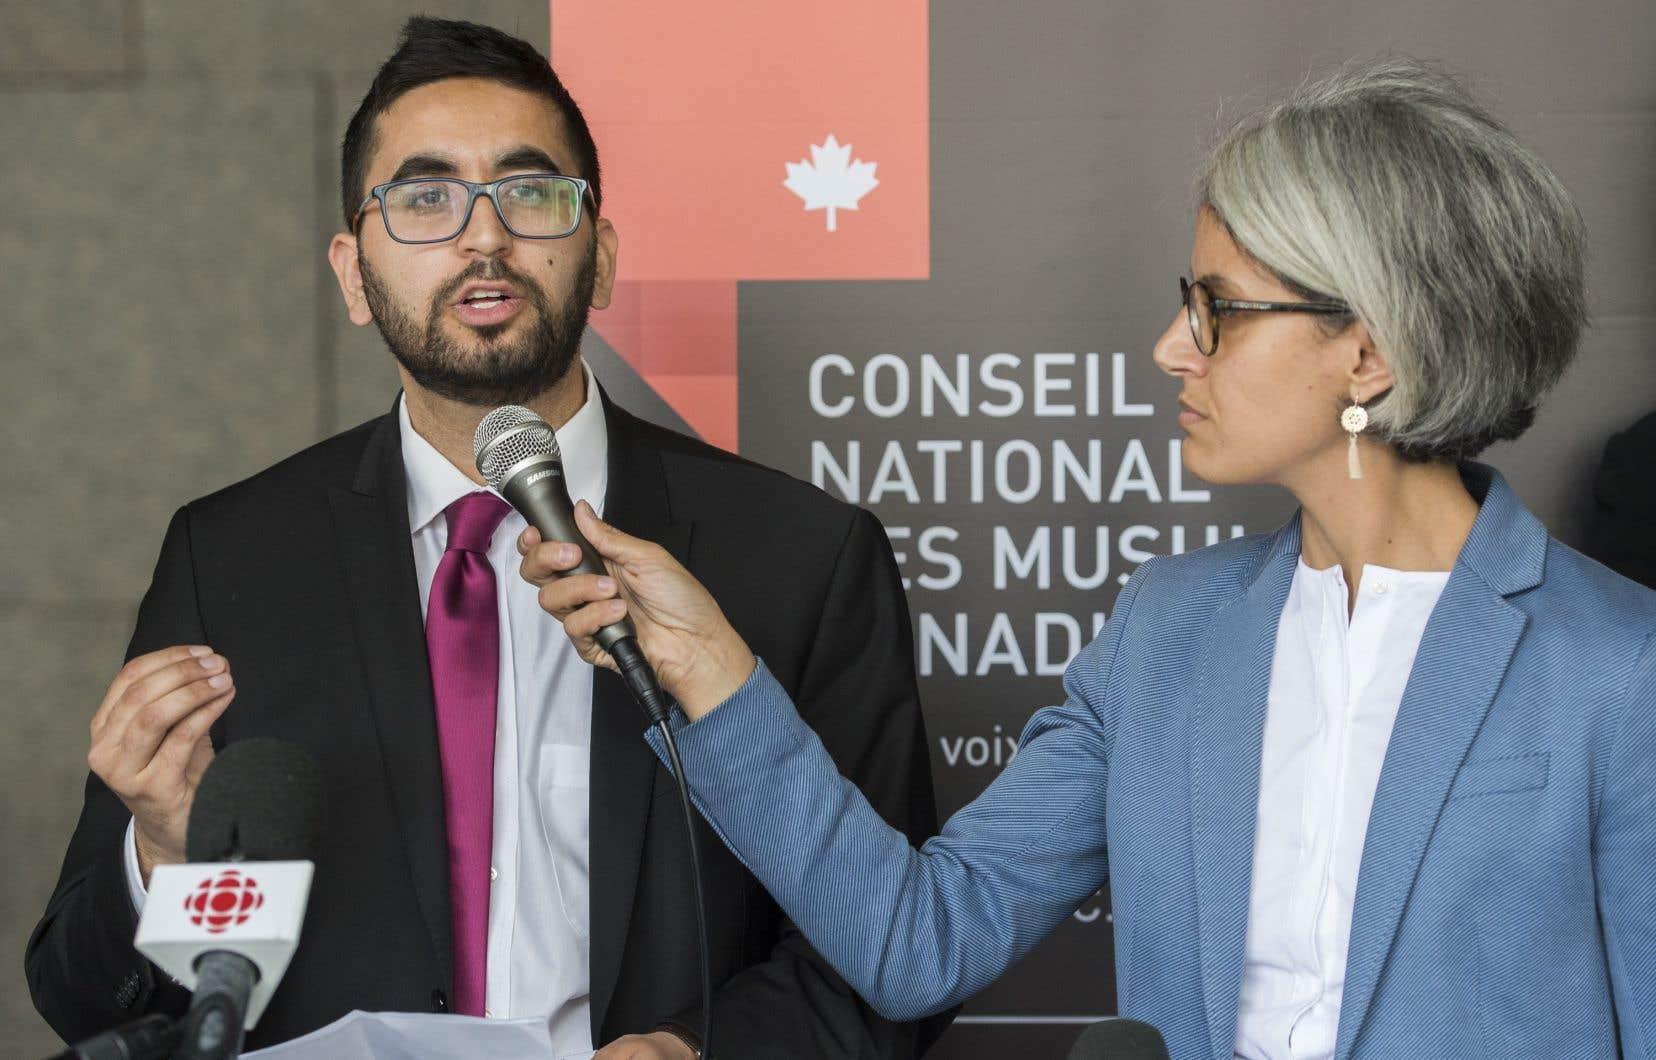 Mustafa Farooq, directeur général du CNMC, a déclaré lundi aux journalistes du sud-ouest de l'Ontario que les recommandations ciblent tous les ordres de gouvernement.